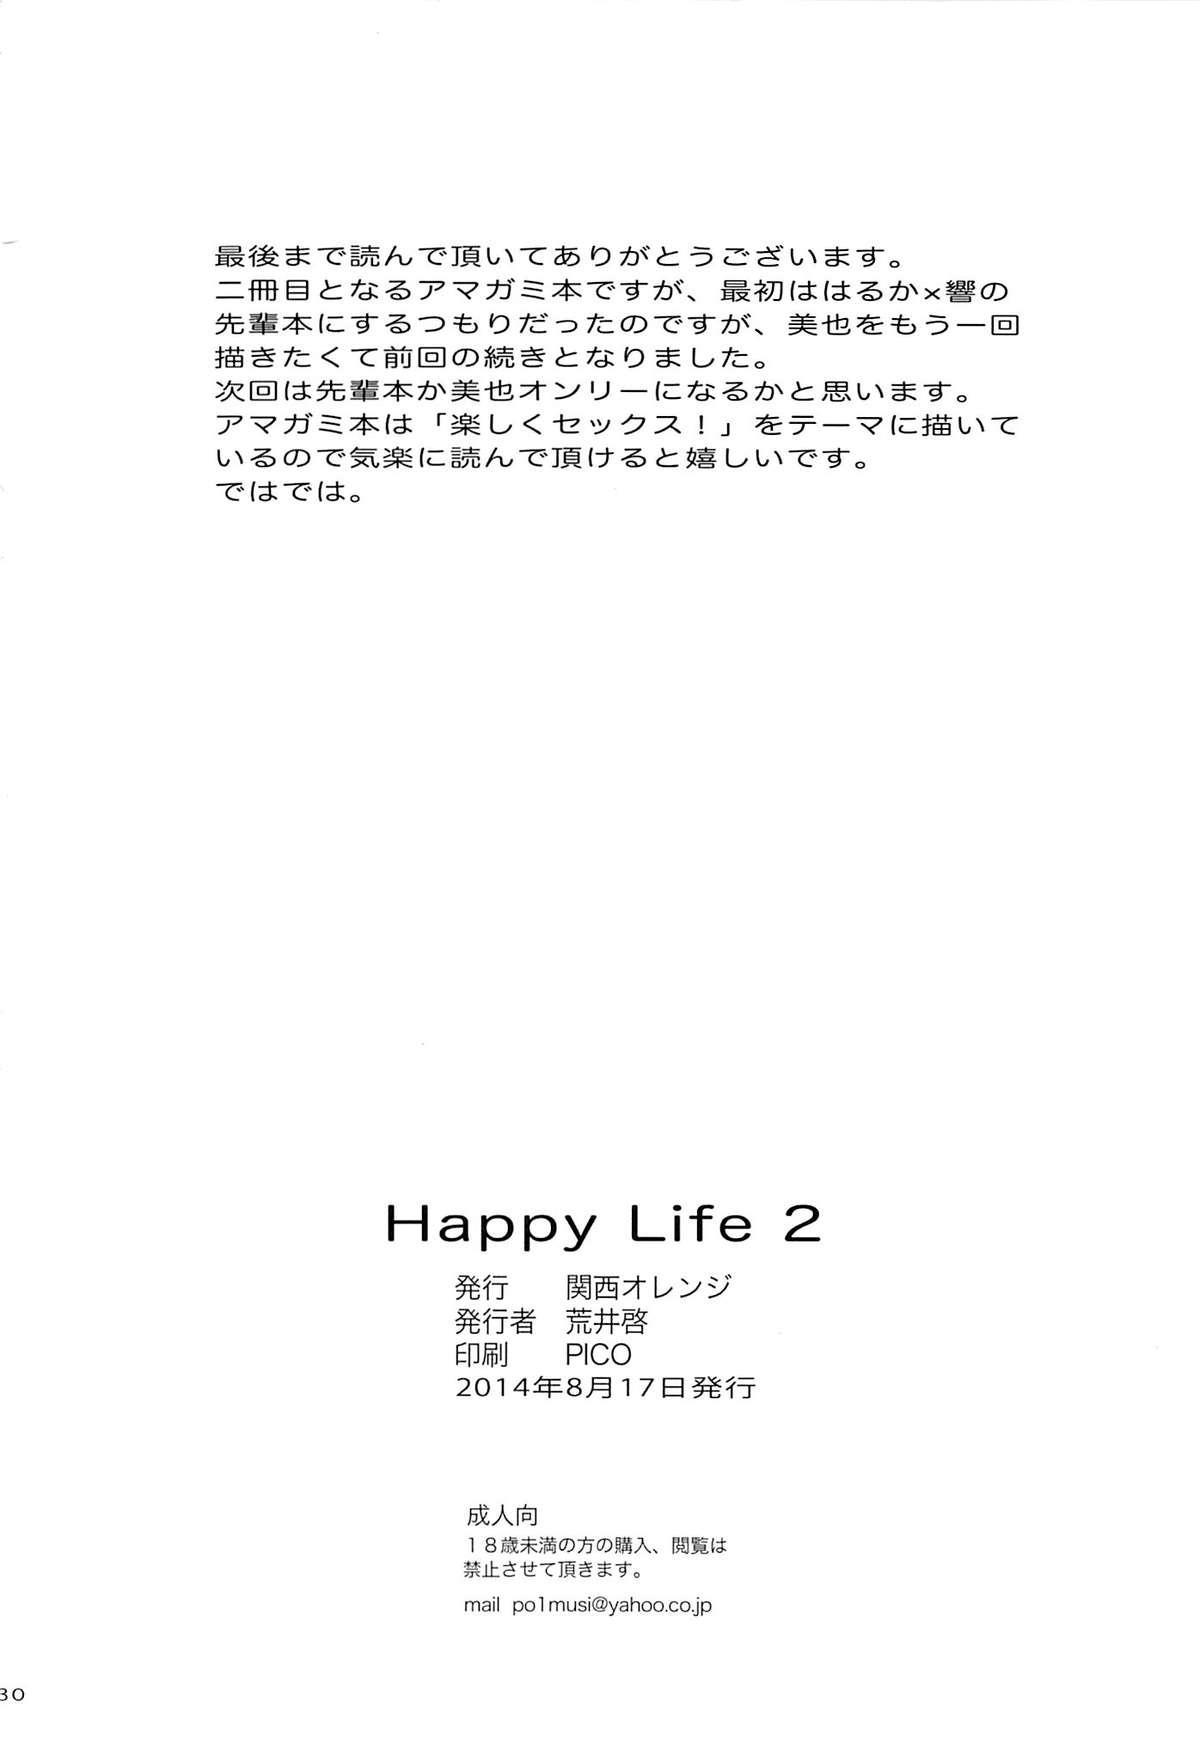 Happy Life2 27